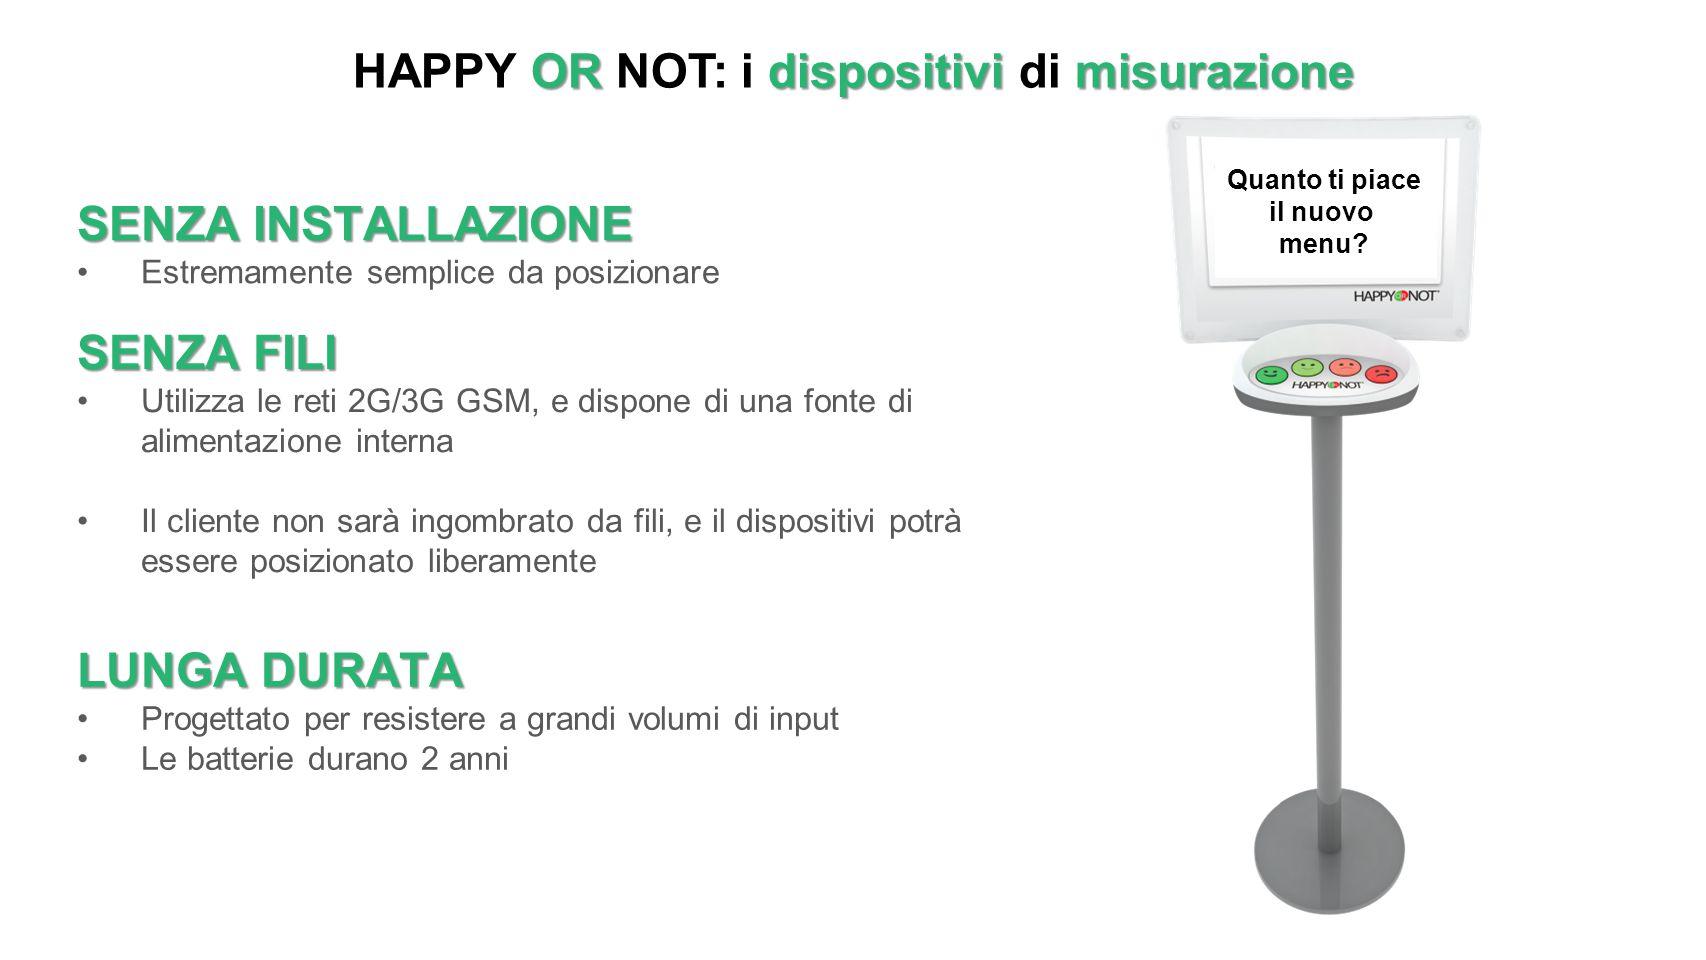 HAPPY OR NOT: i dispositivi di misurazione